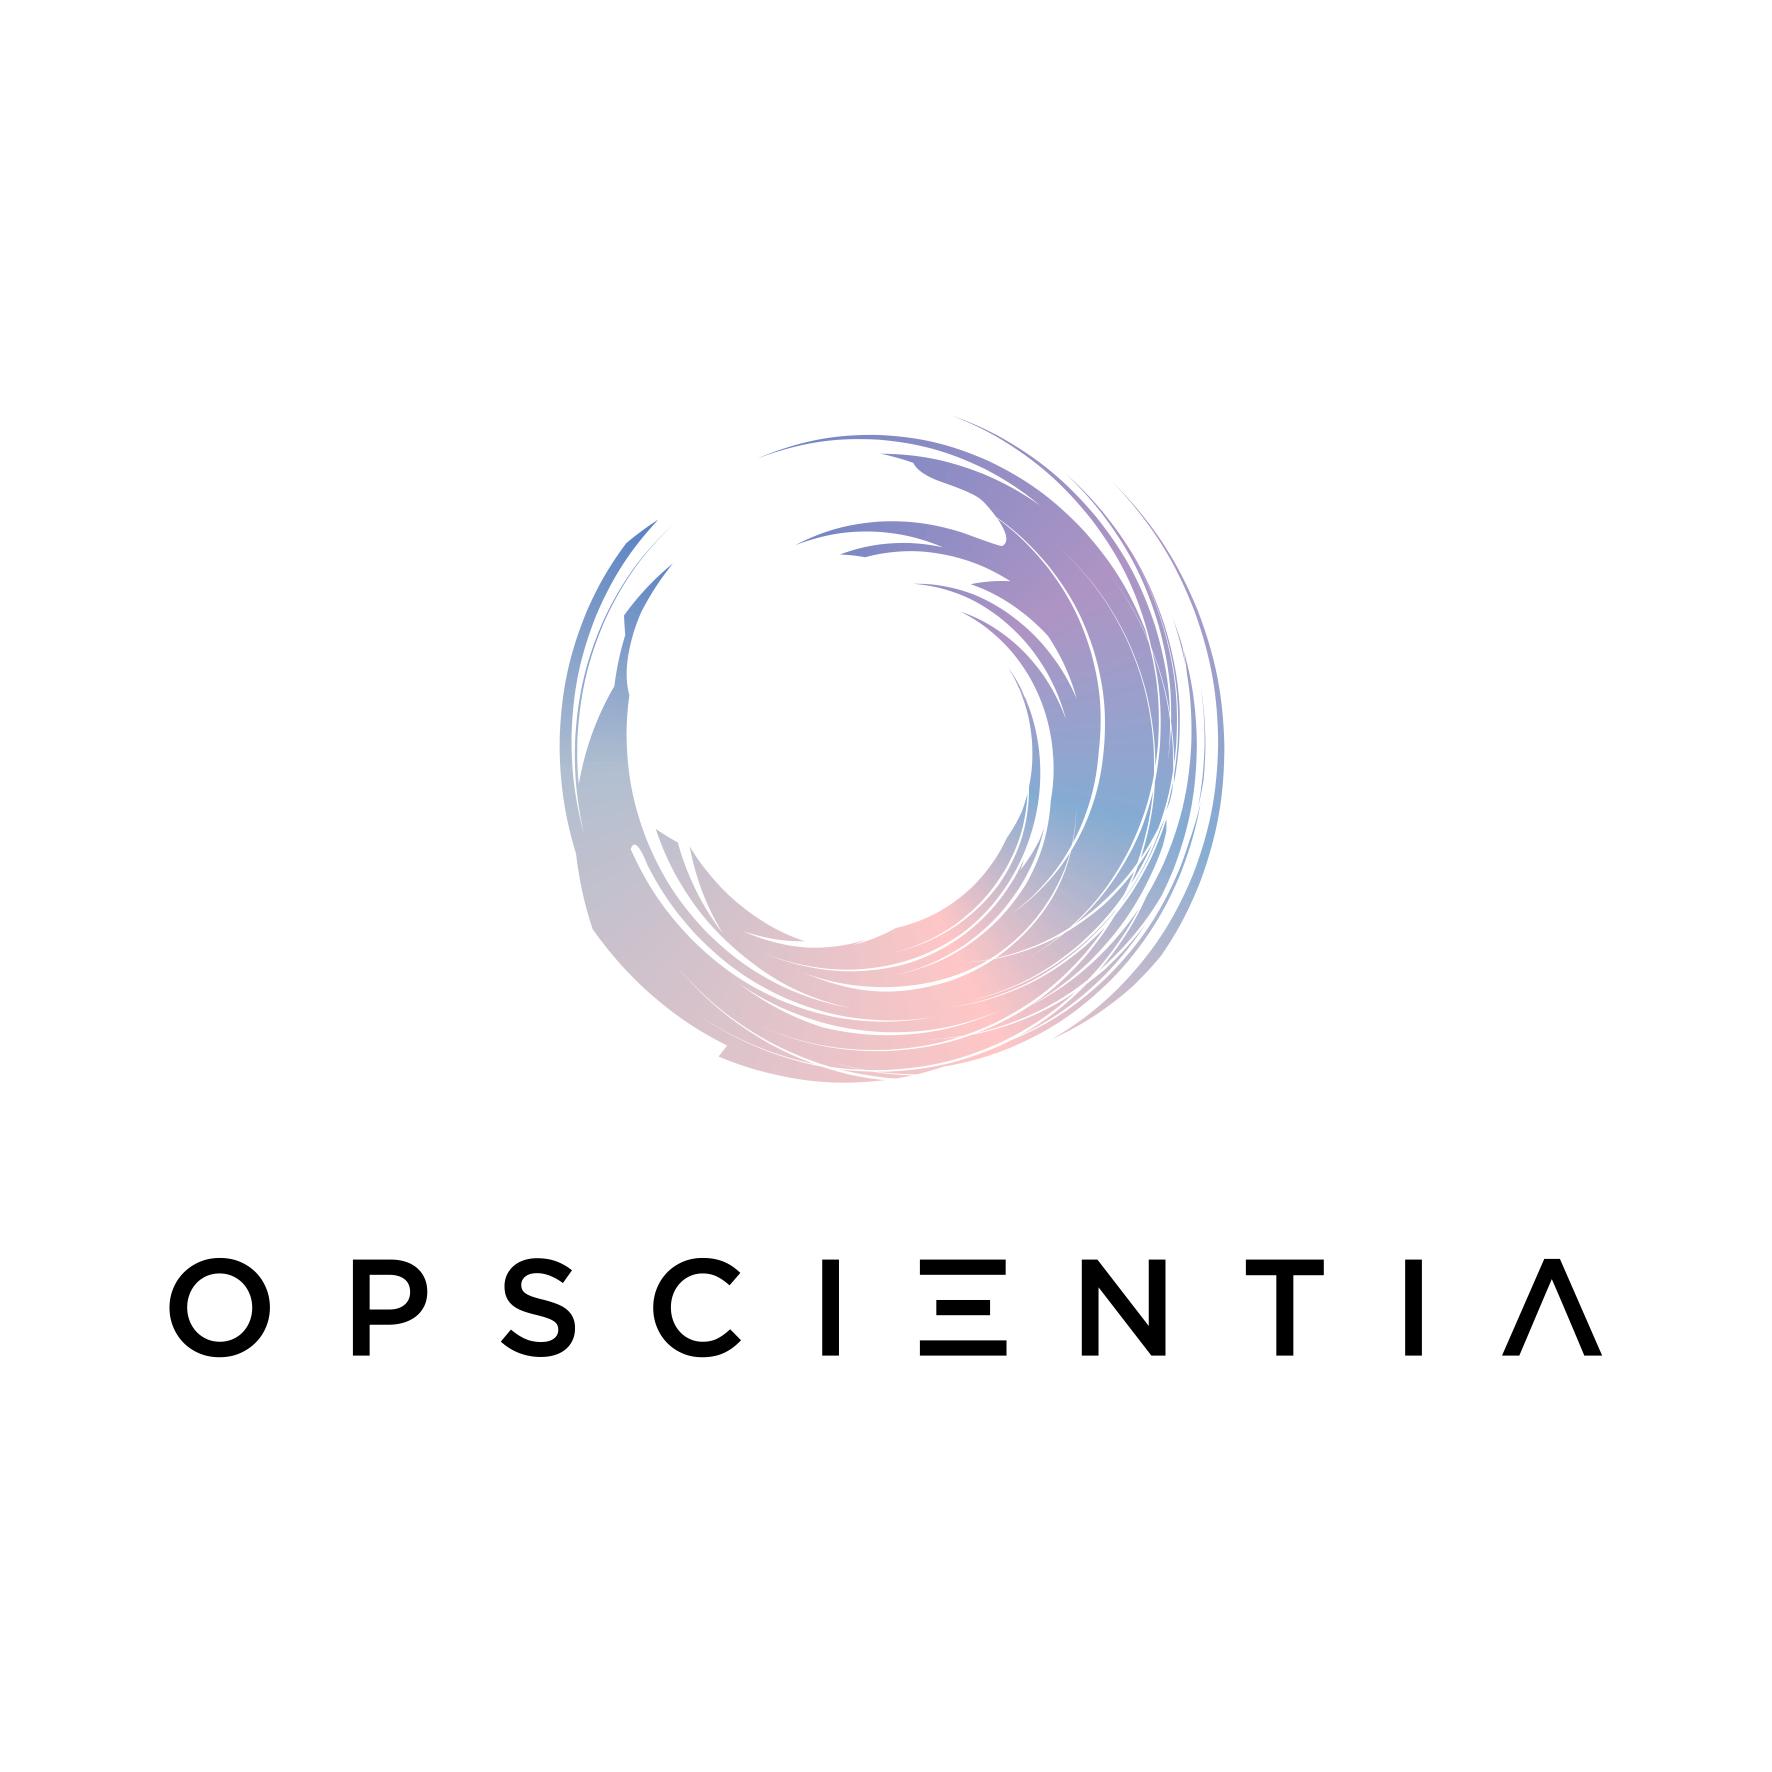 Open Science (Opsci) Data Wallet